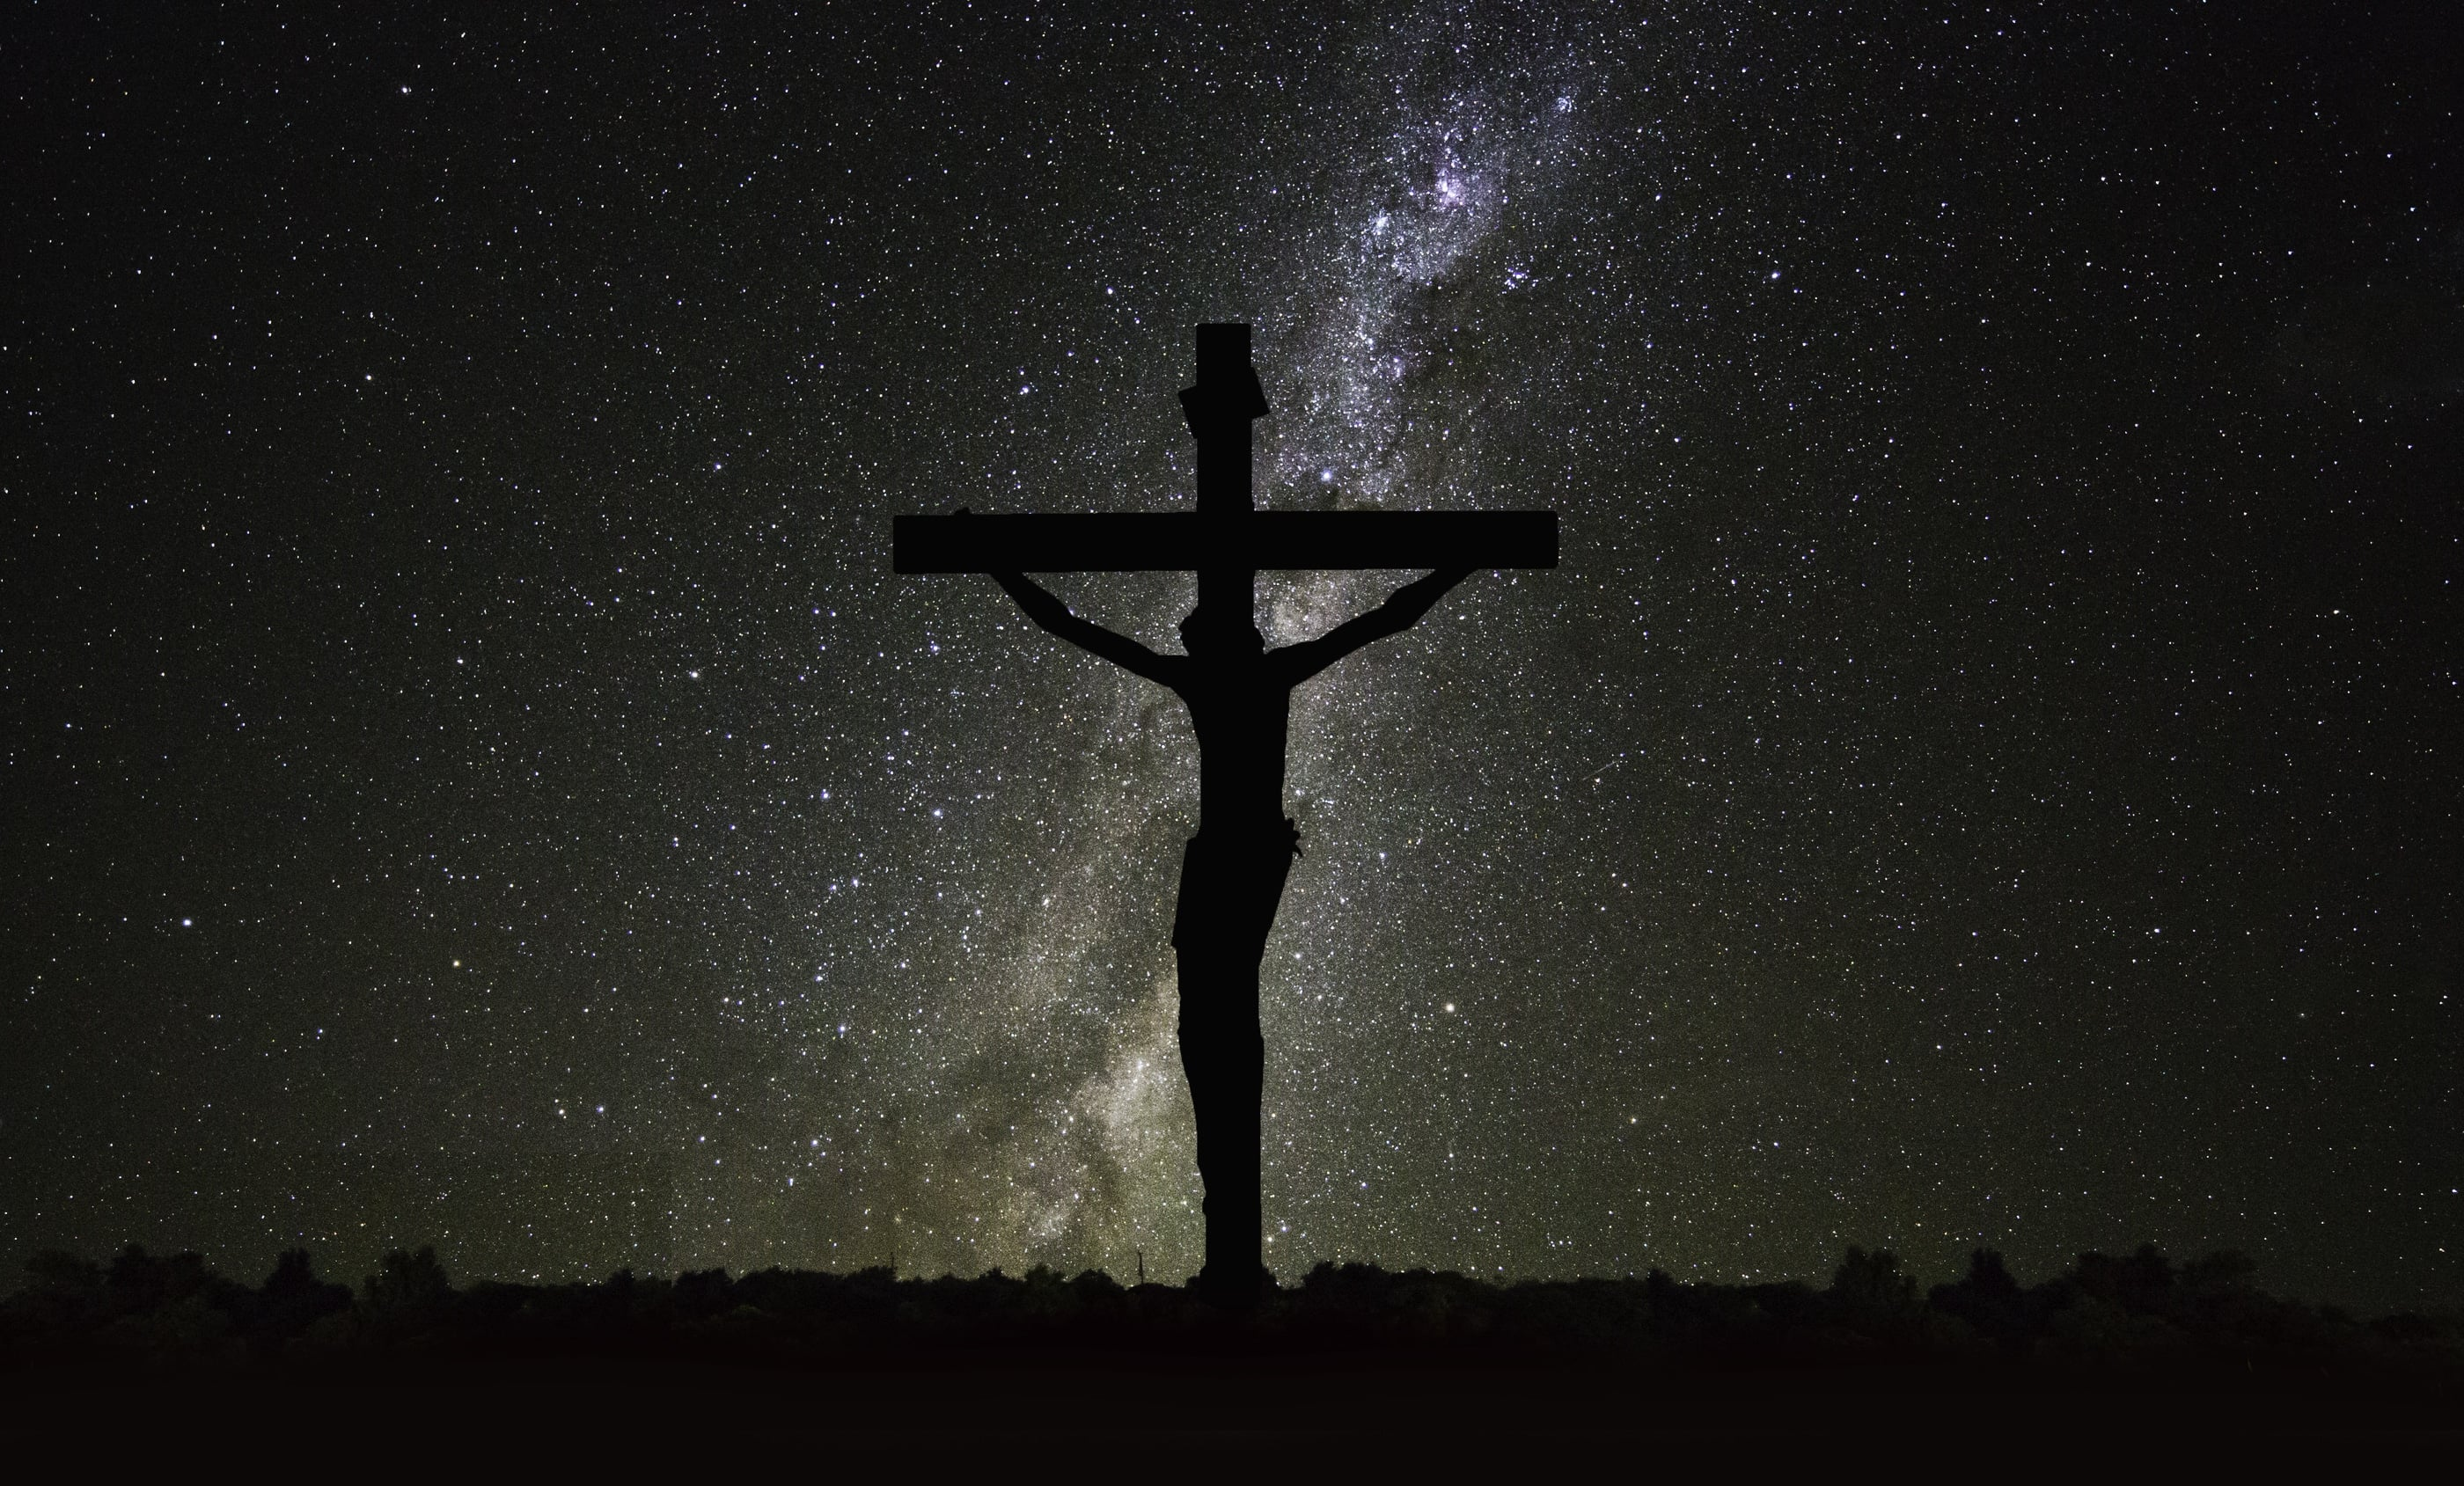 Como entender Efésios 4:8 e 9 onde menciona que Jesus 'levou cativo o cativeiro'. Esse cativeiro seria o inferno?